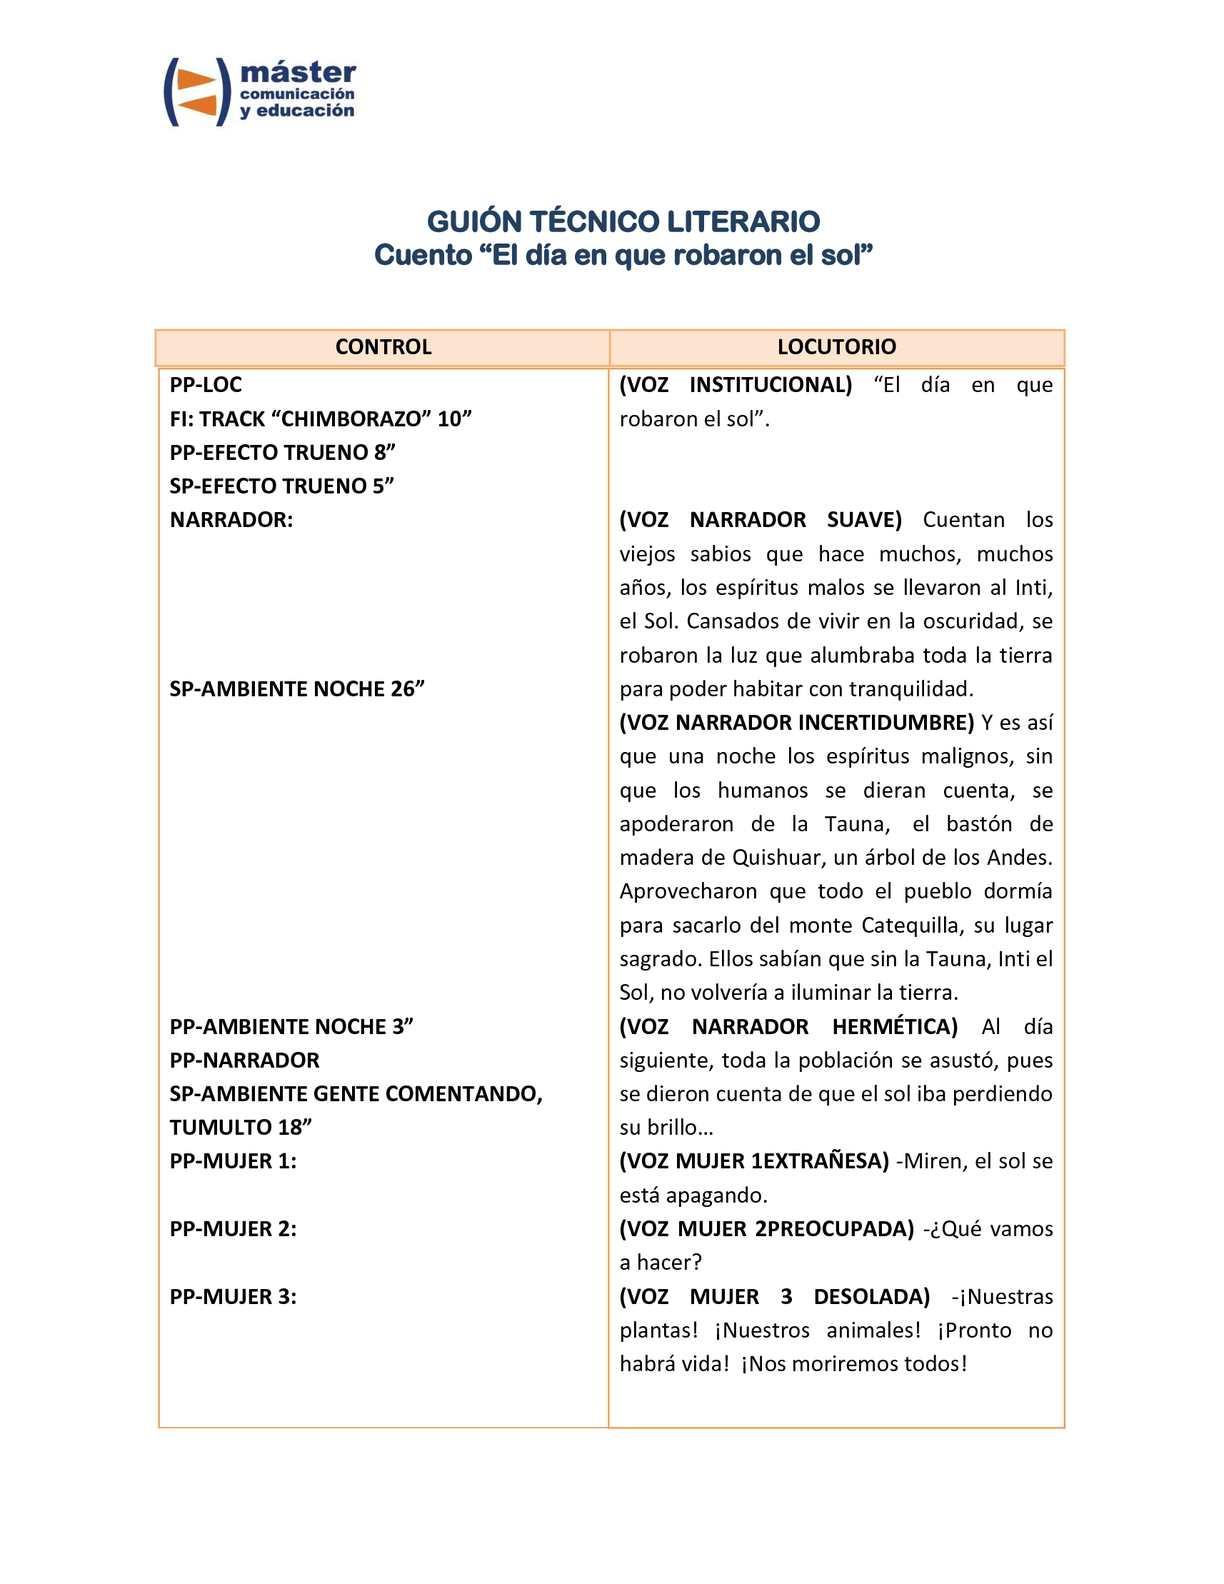 Calaméo - Guión tecnico literario de radio. Cuento infantil